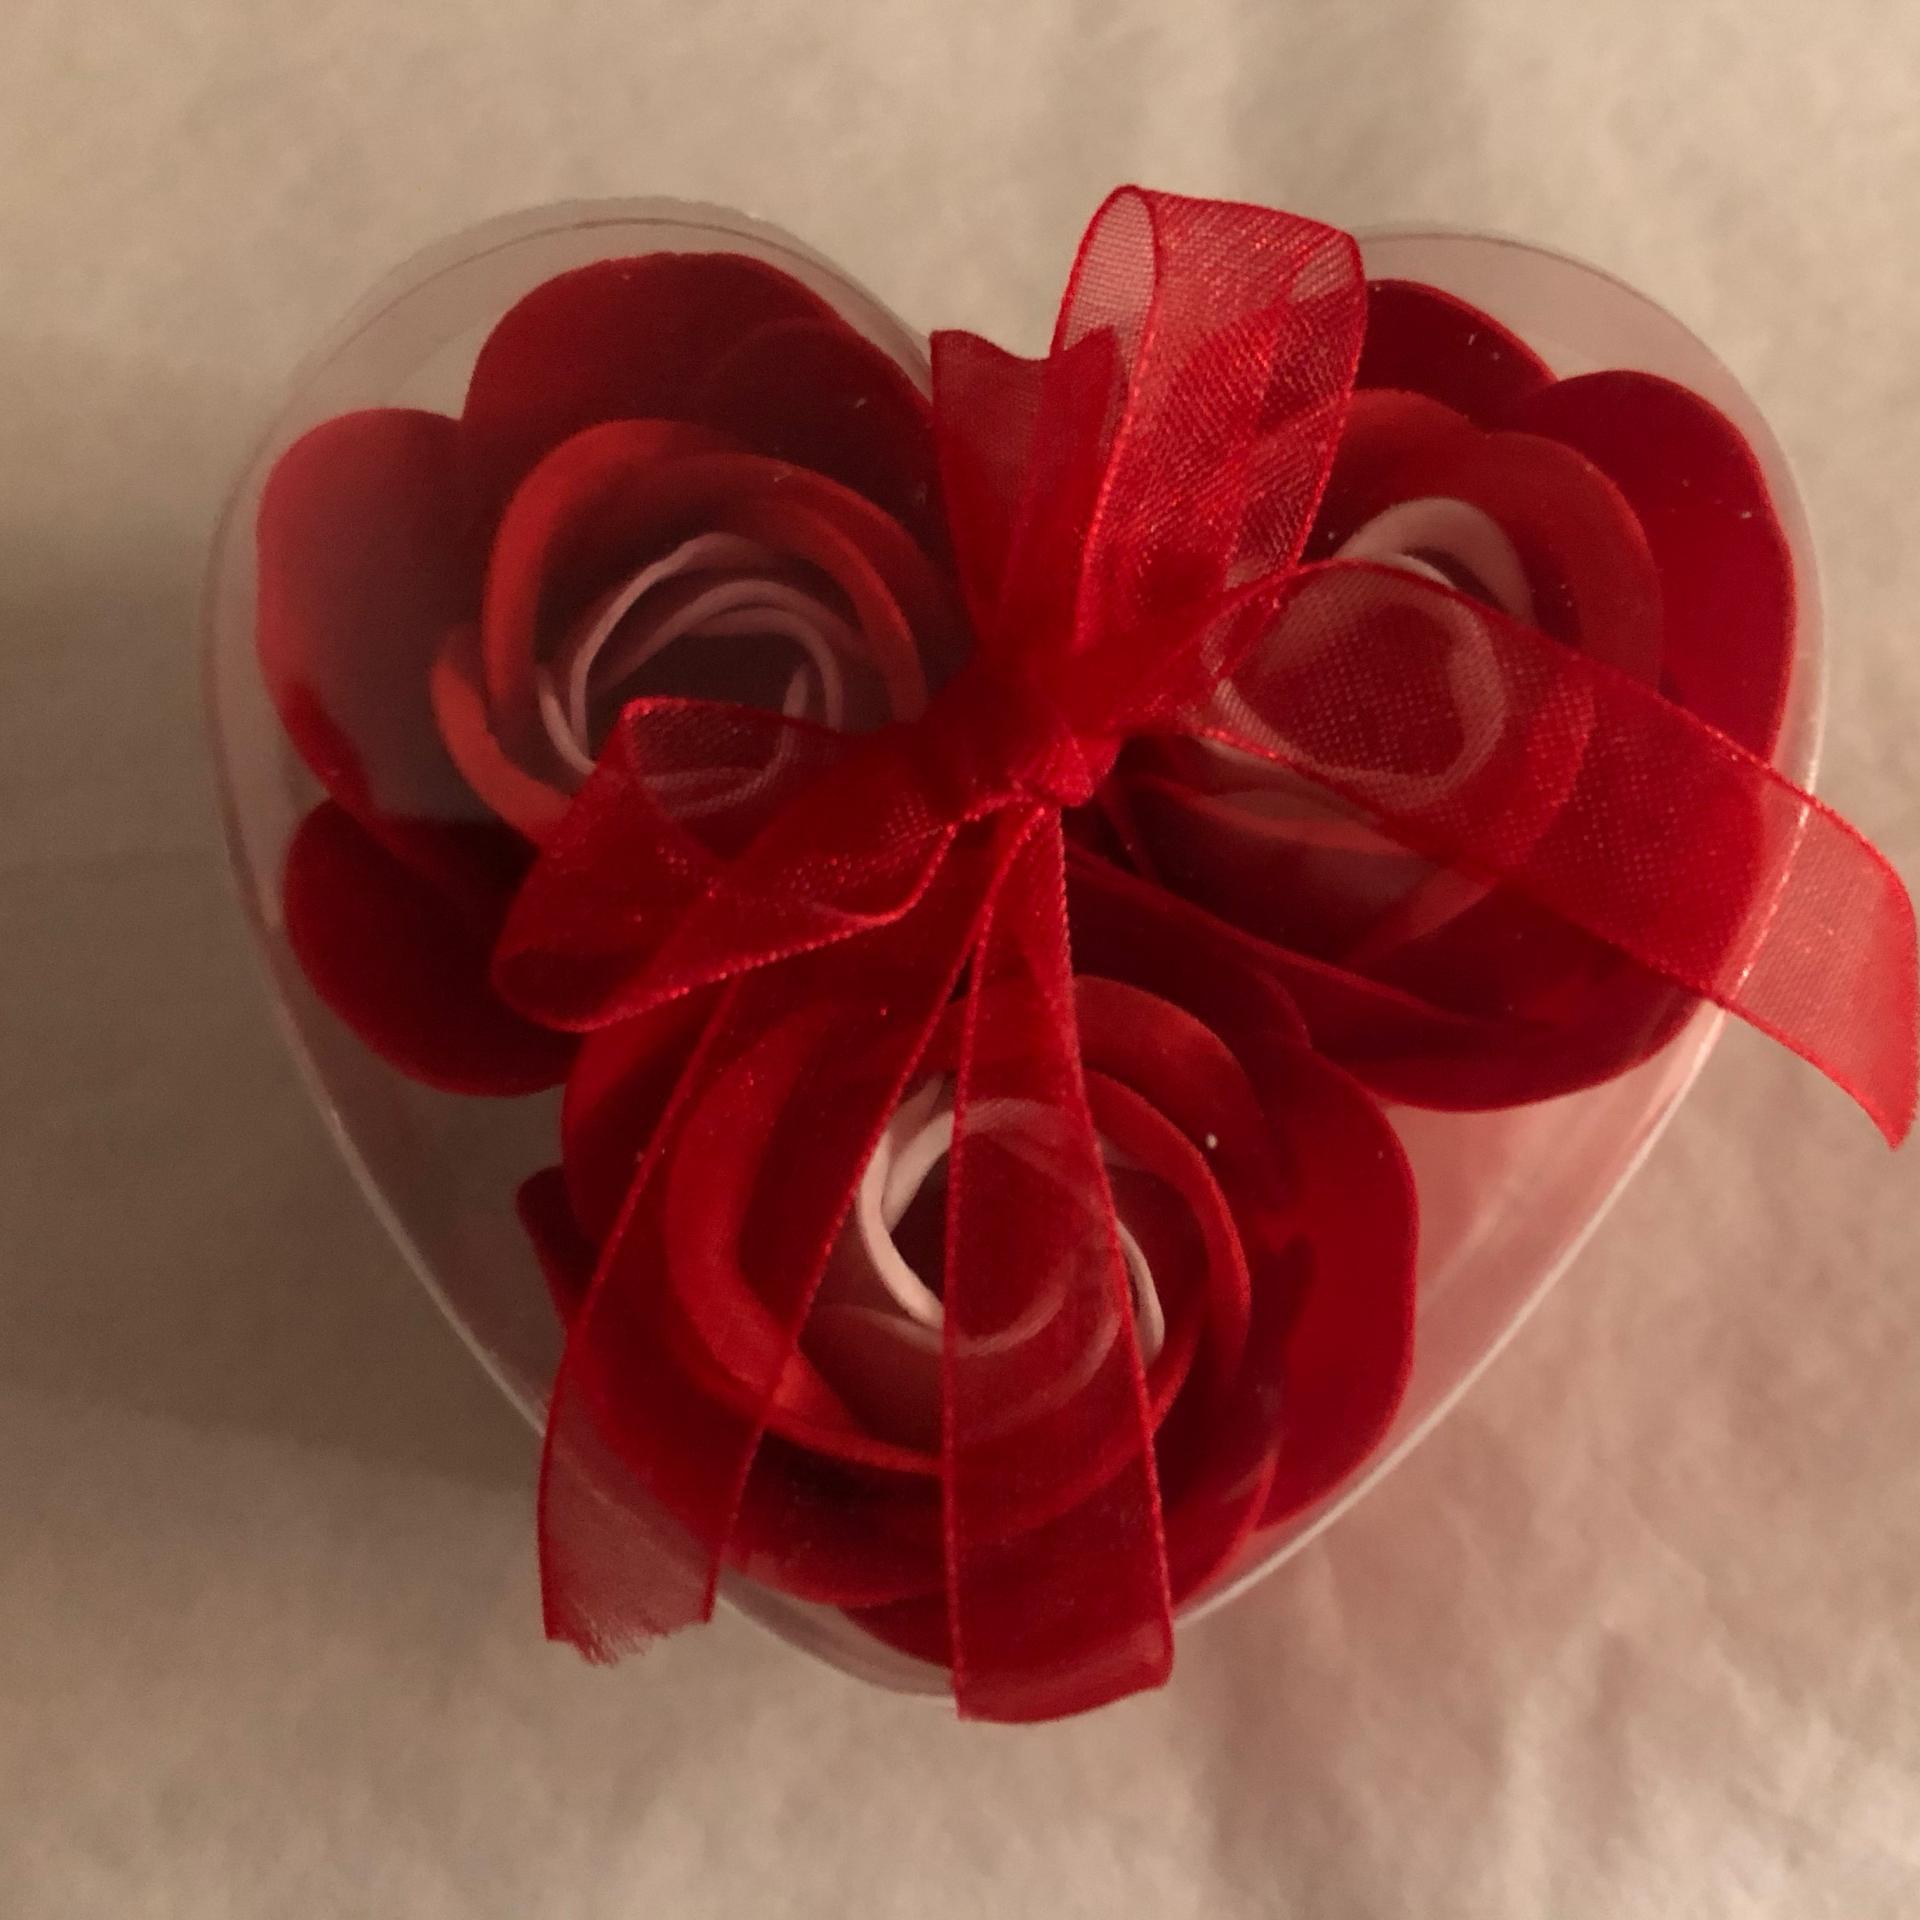 Boutons de rose x3 rouge